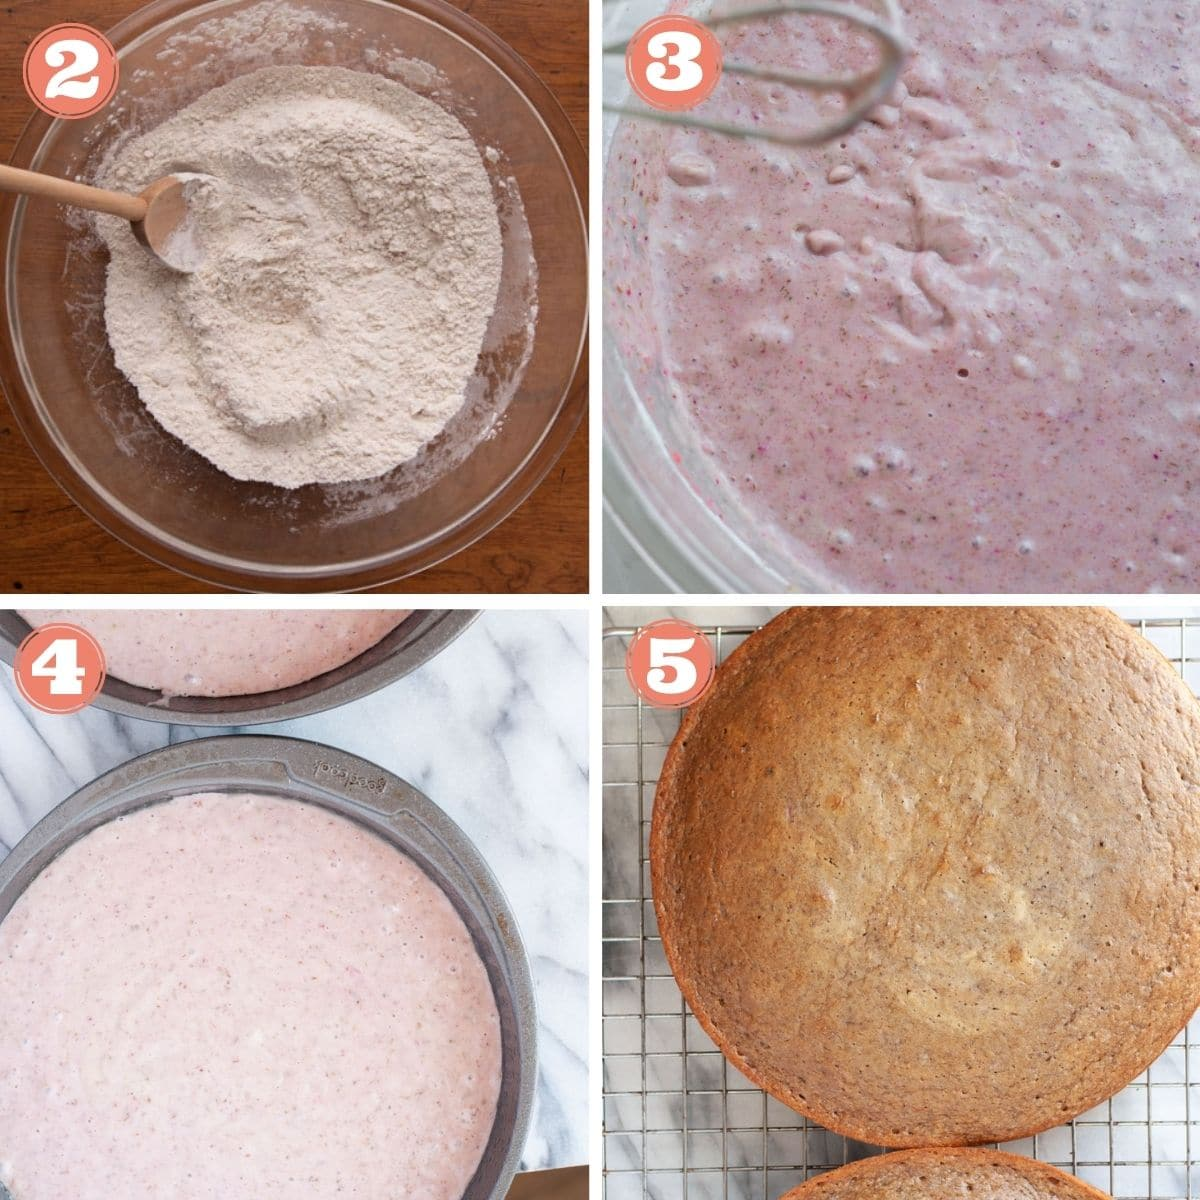 Steps 2 through 5 to make strawberry cake